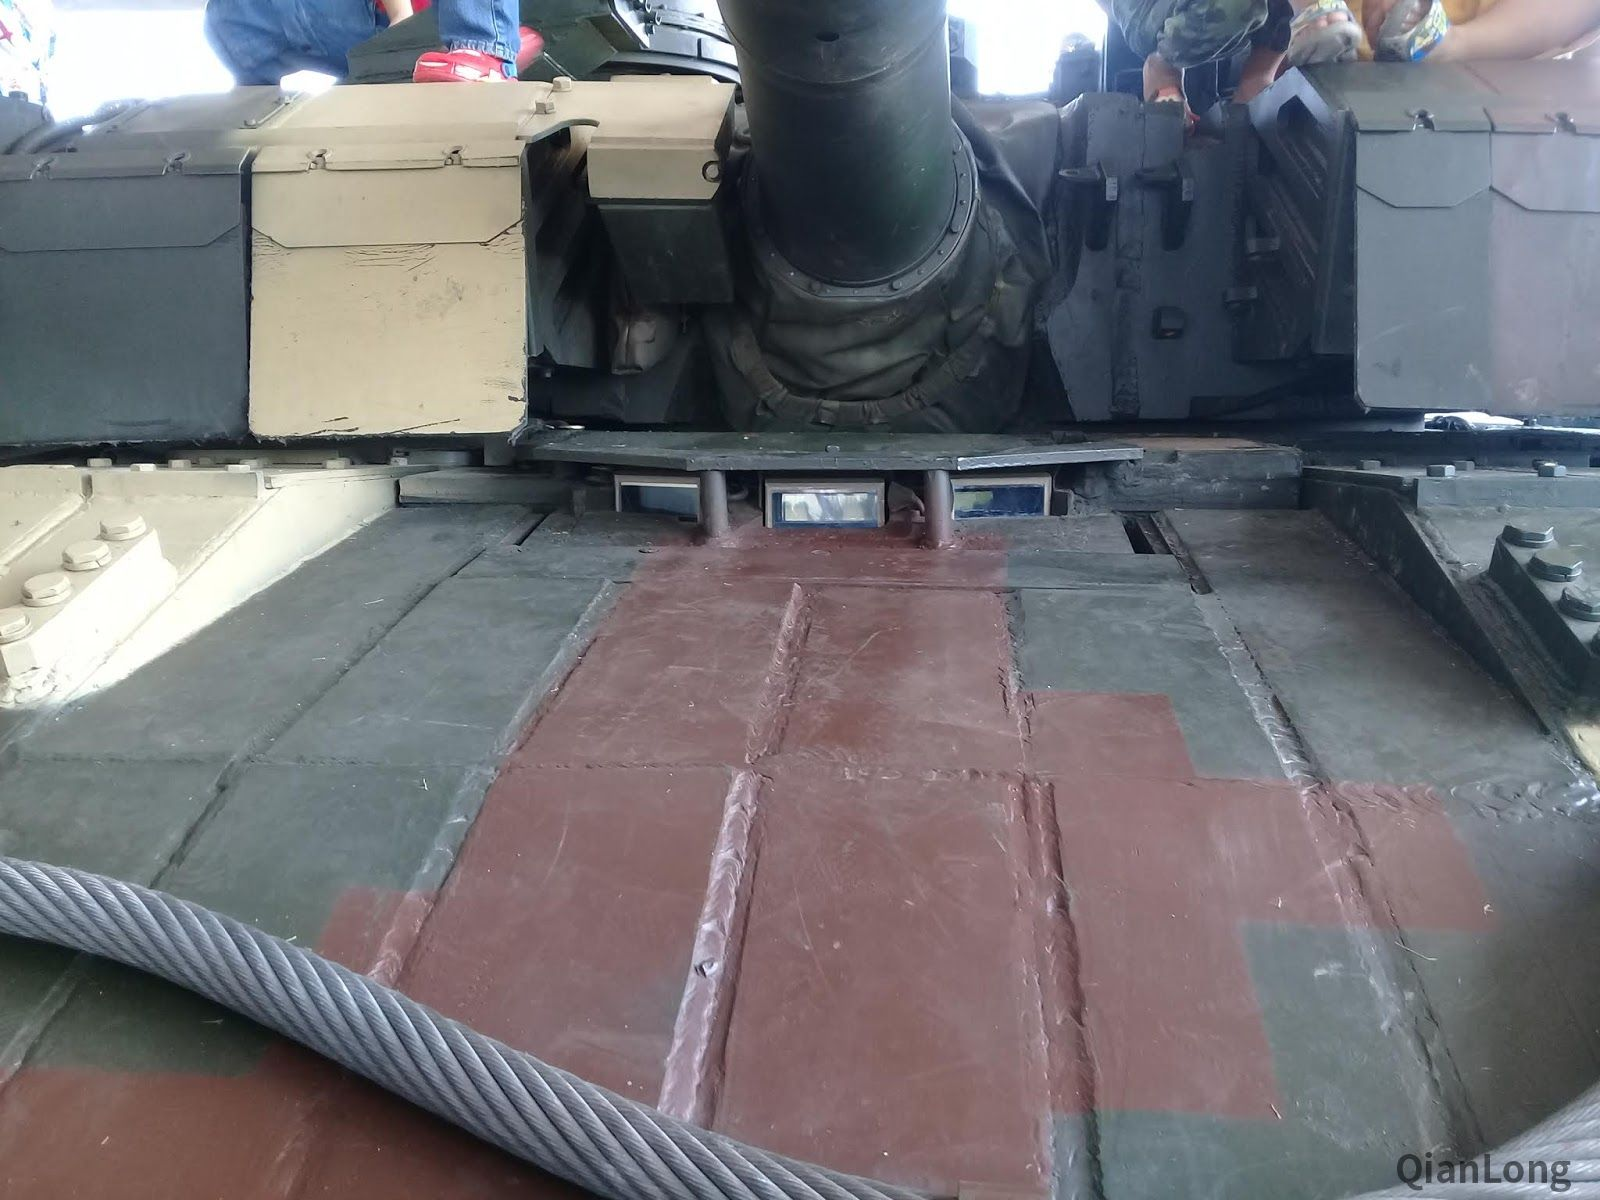 泰国装甲部队开放日 VT-4坦克上依然保留中文标示